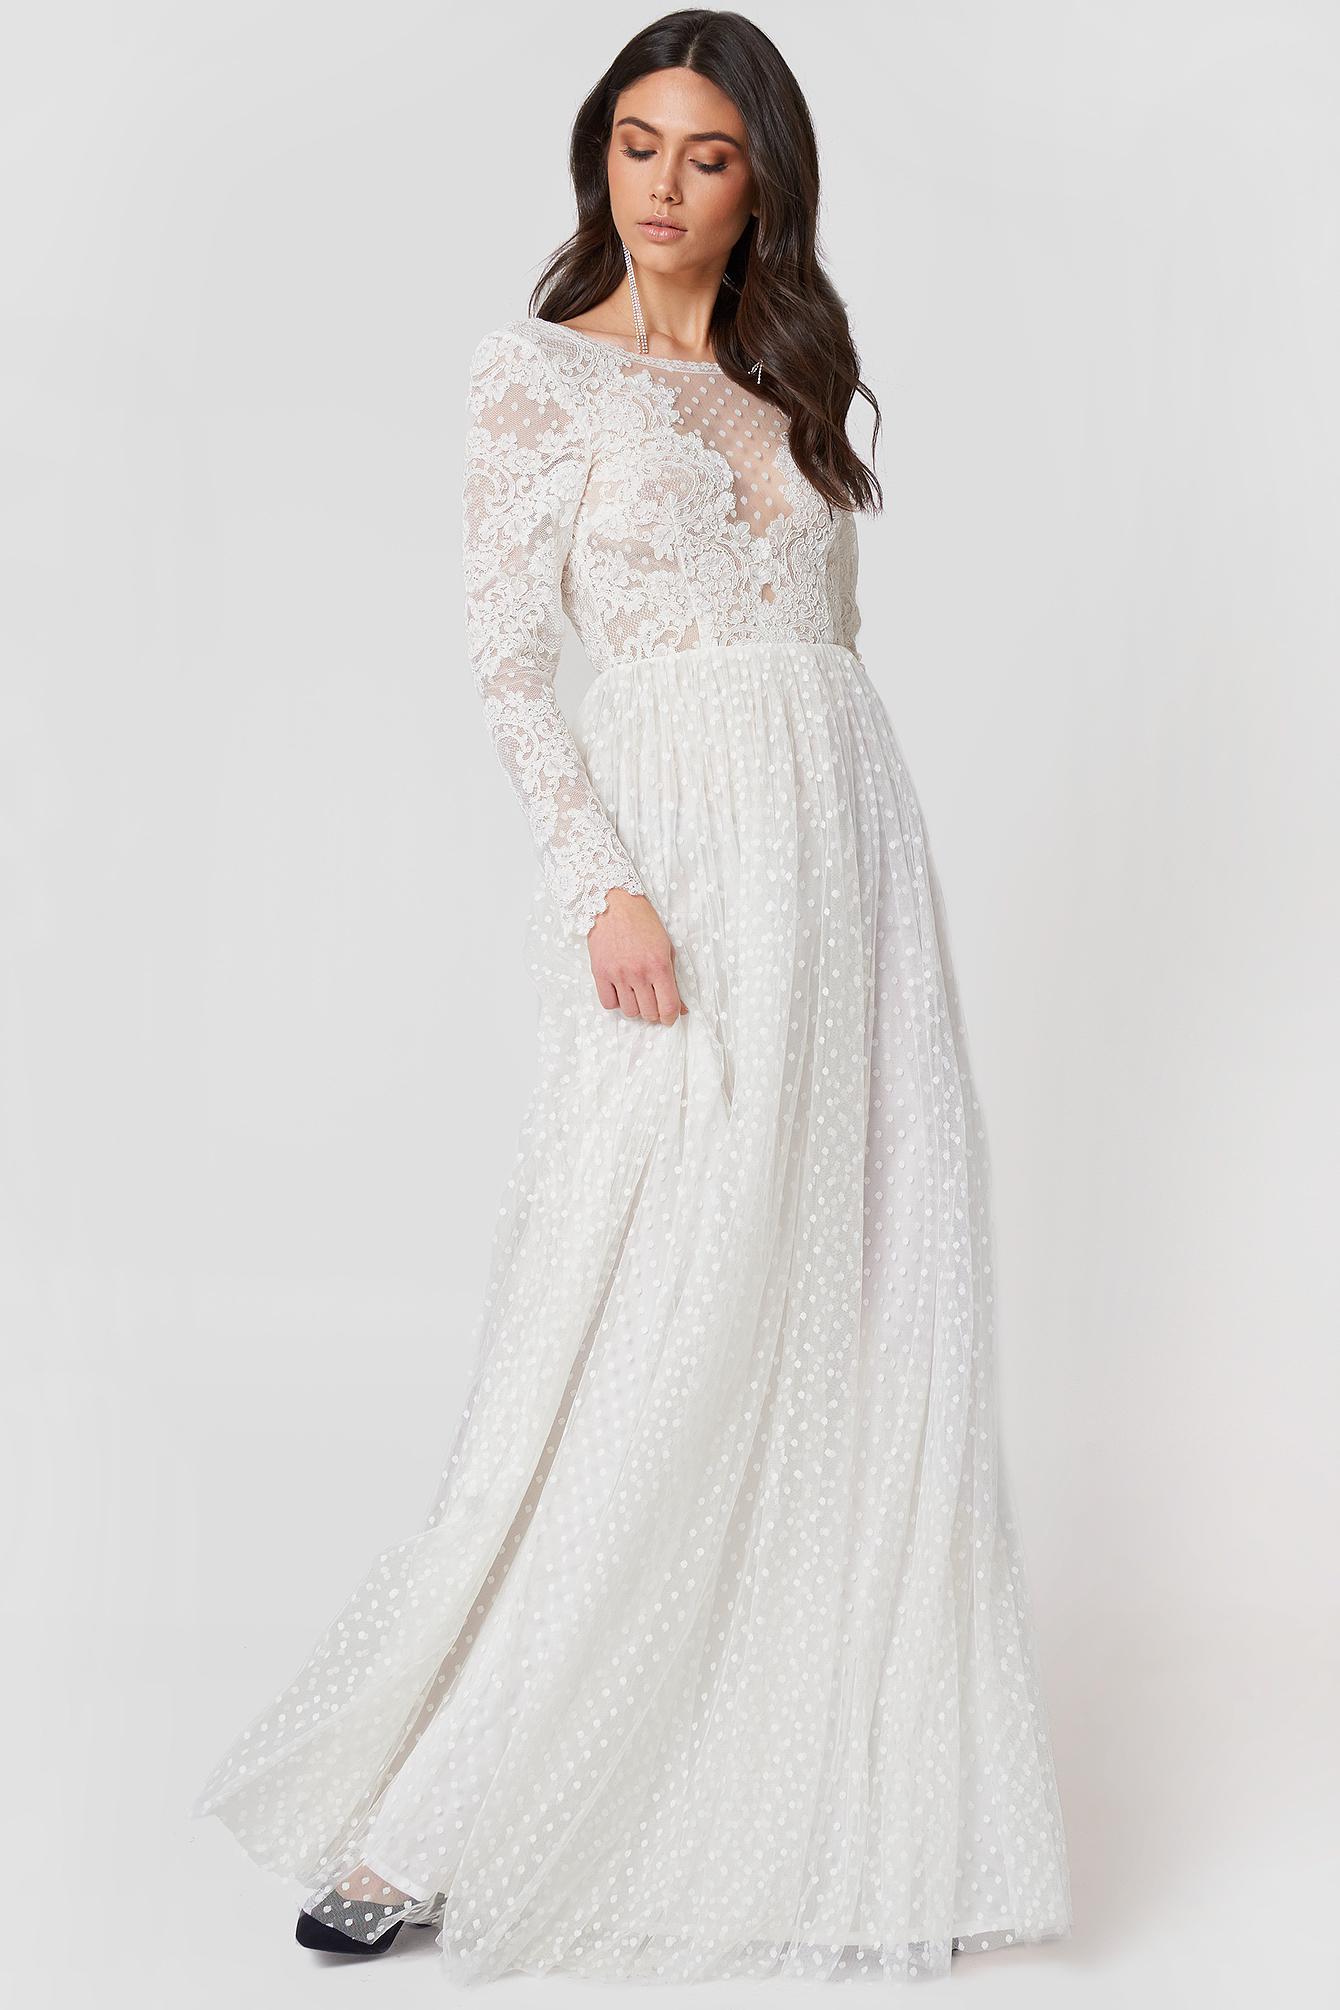 Lyst - Ida Sjöstedt Jemima Dress Ivory in White 2f8a10aafc1e4